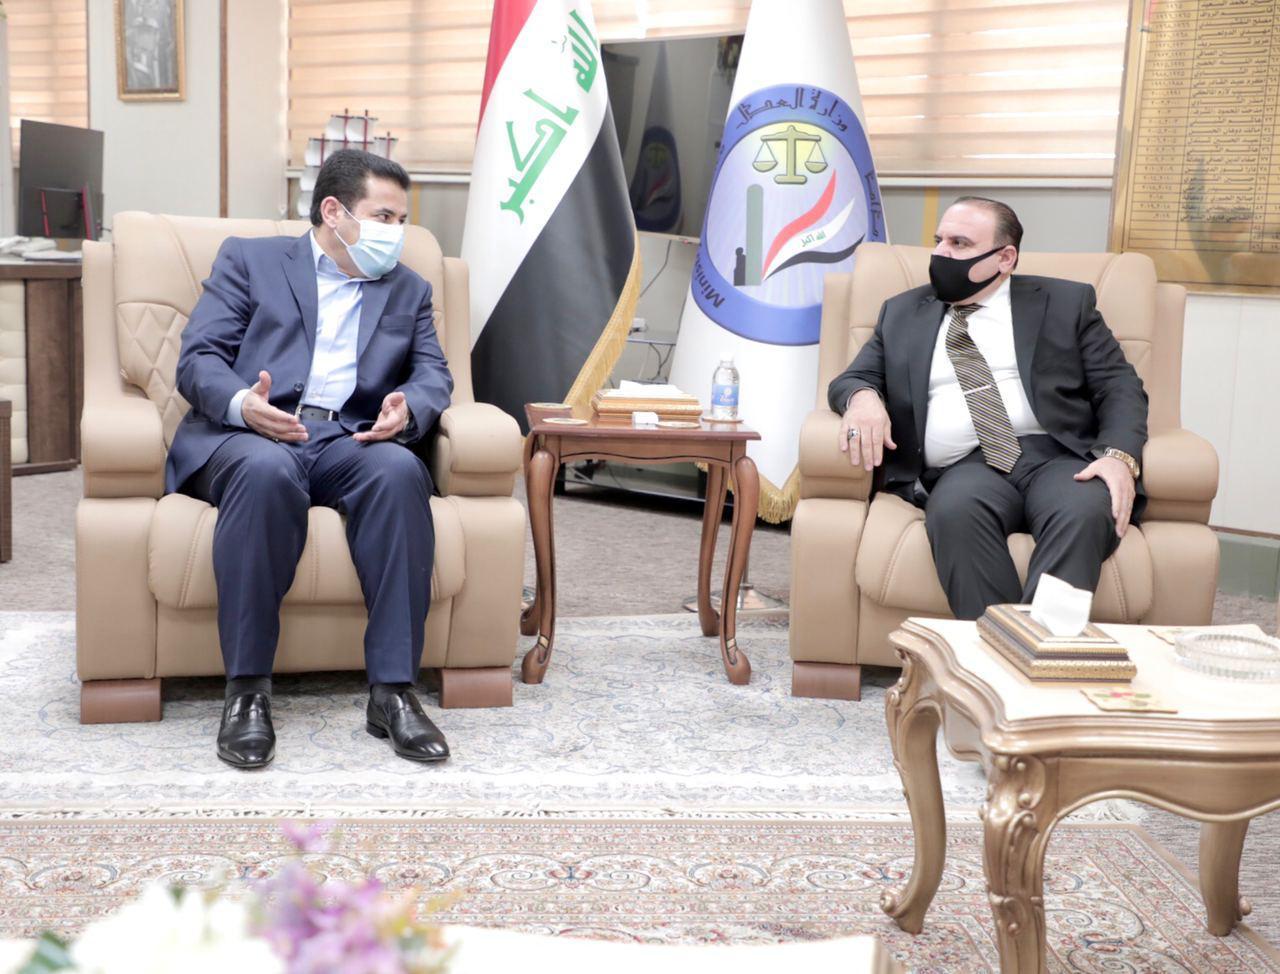 الاعرجي يبحث مع وزير العدل حماية السجون وتعزيزها أمنياً